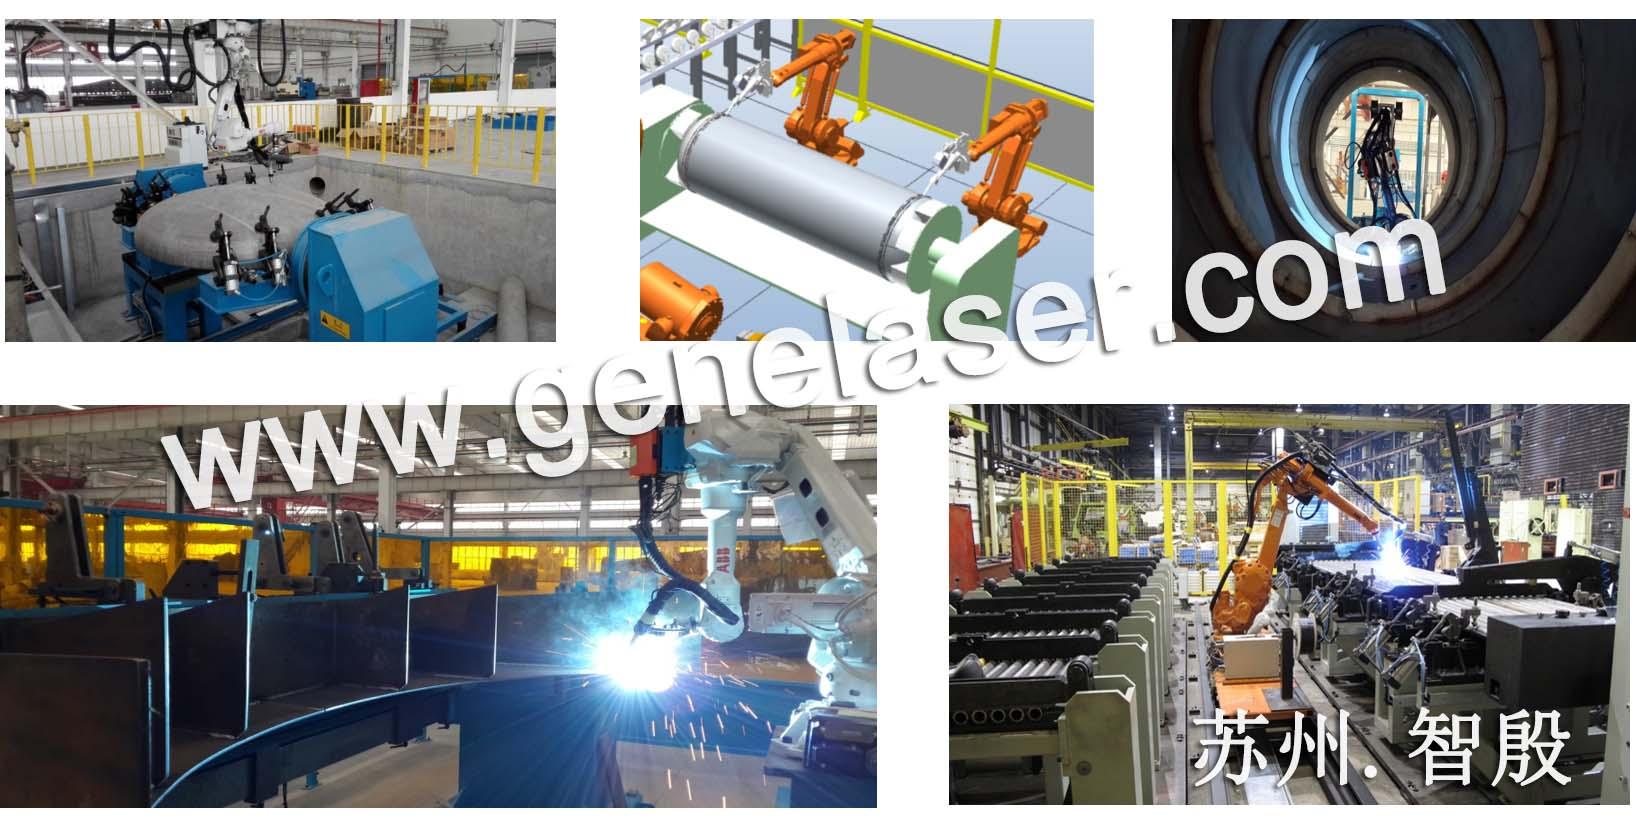 苏州智殷压力容器全自动焊接设备管道自动焊接设备